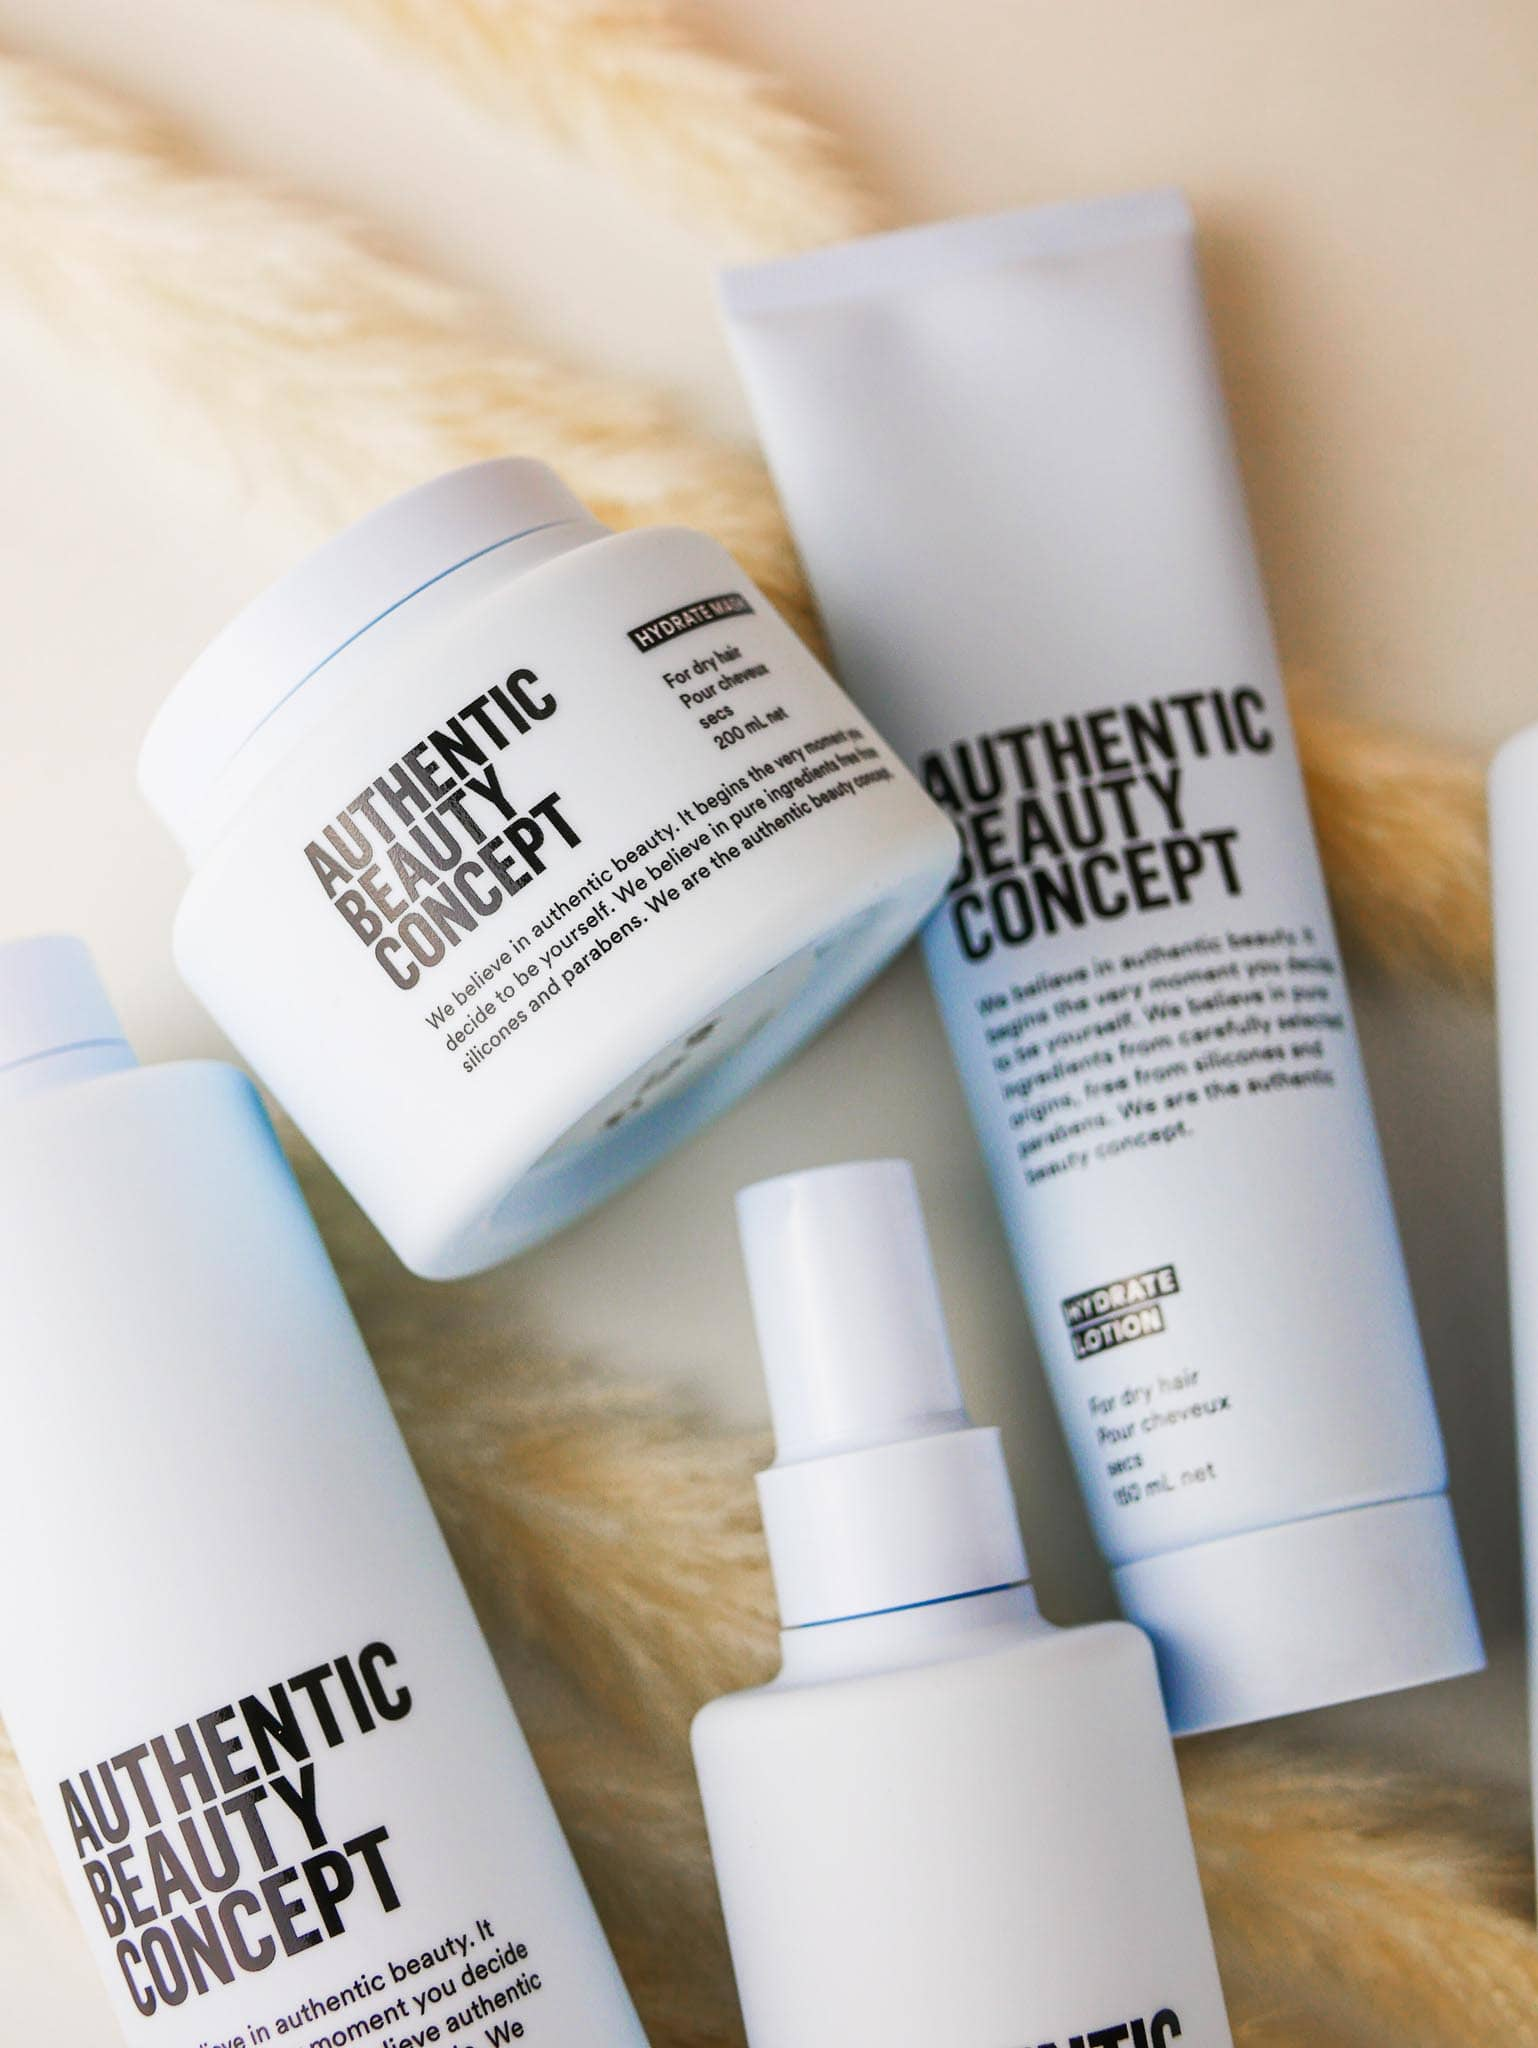 Authentic Beauty Concept :  Gamme hydratante & Gamme réparatrice | Avis